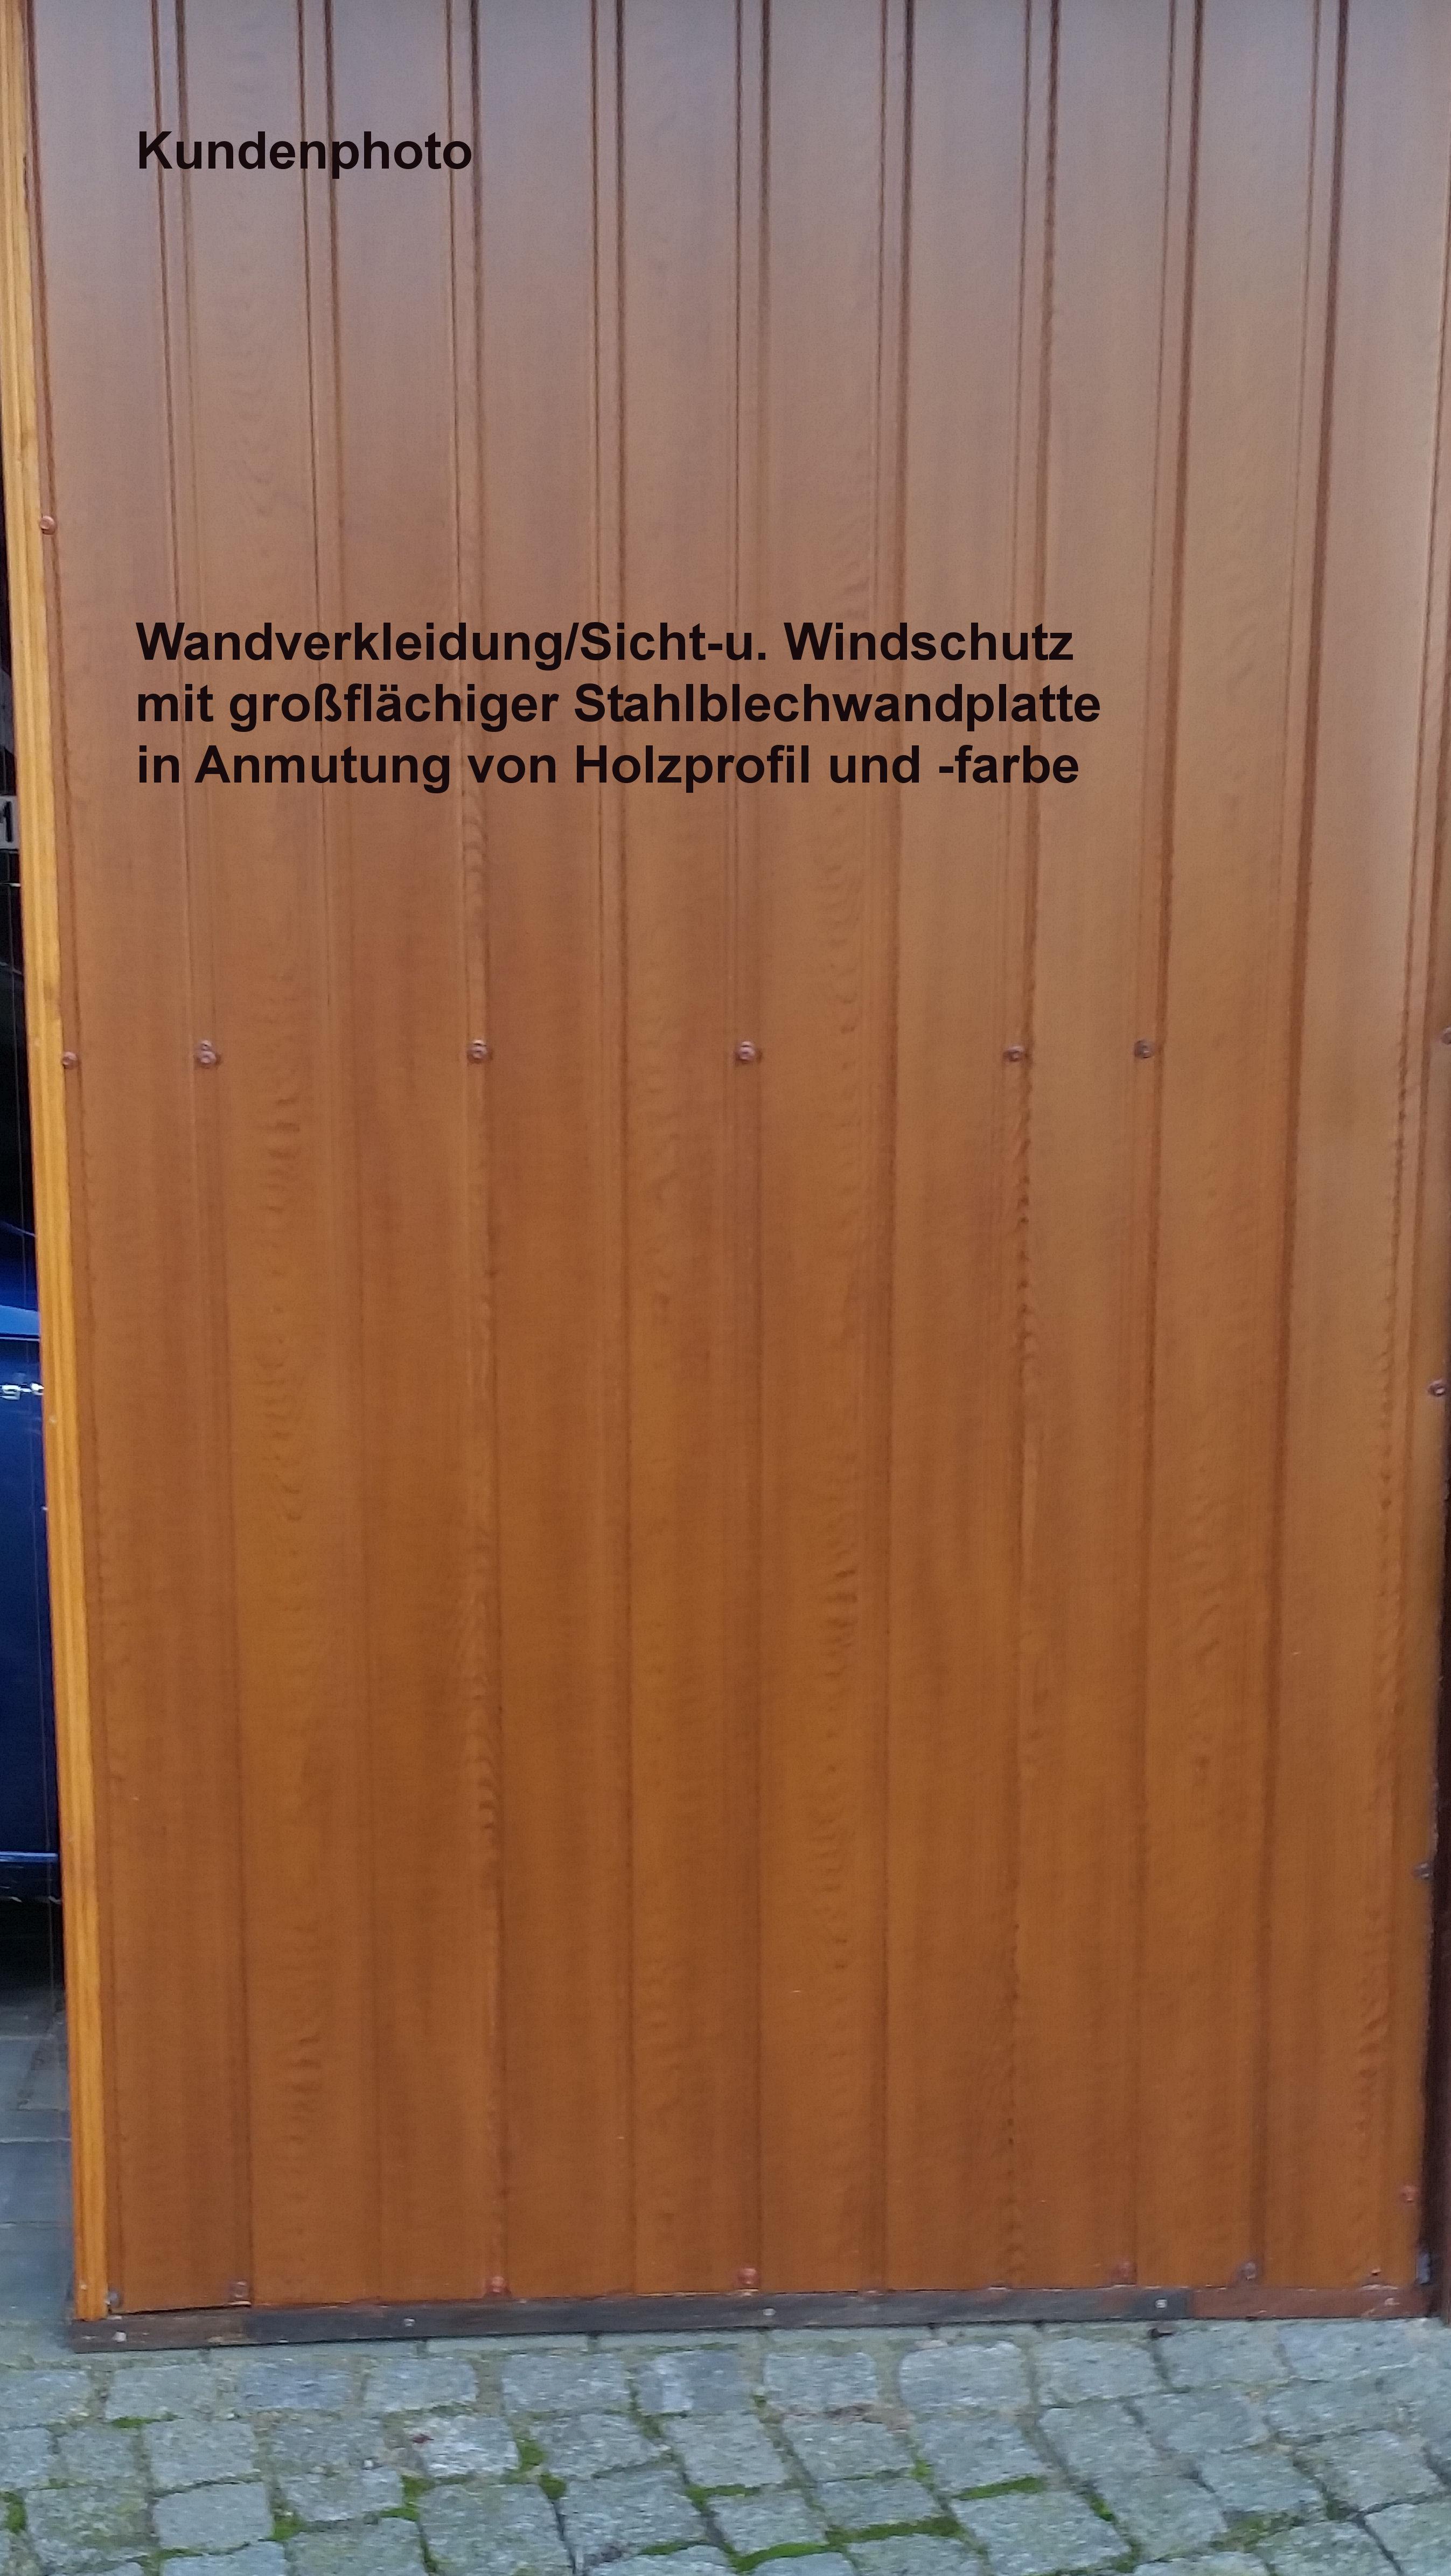 Wandverkleidung Trapezblech 8mm Holzdekor Rauhspundanmutung Hpm Shop